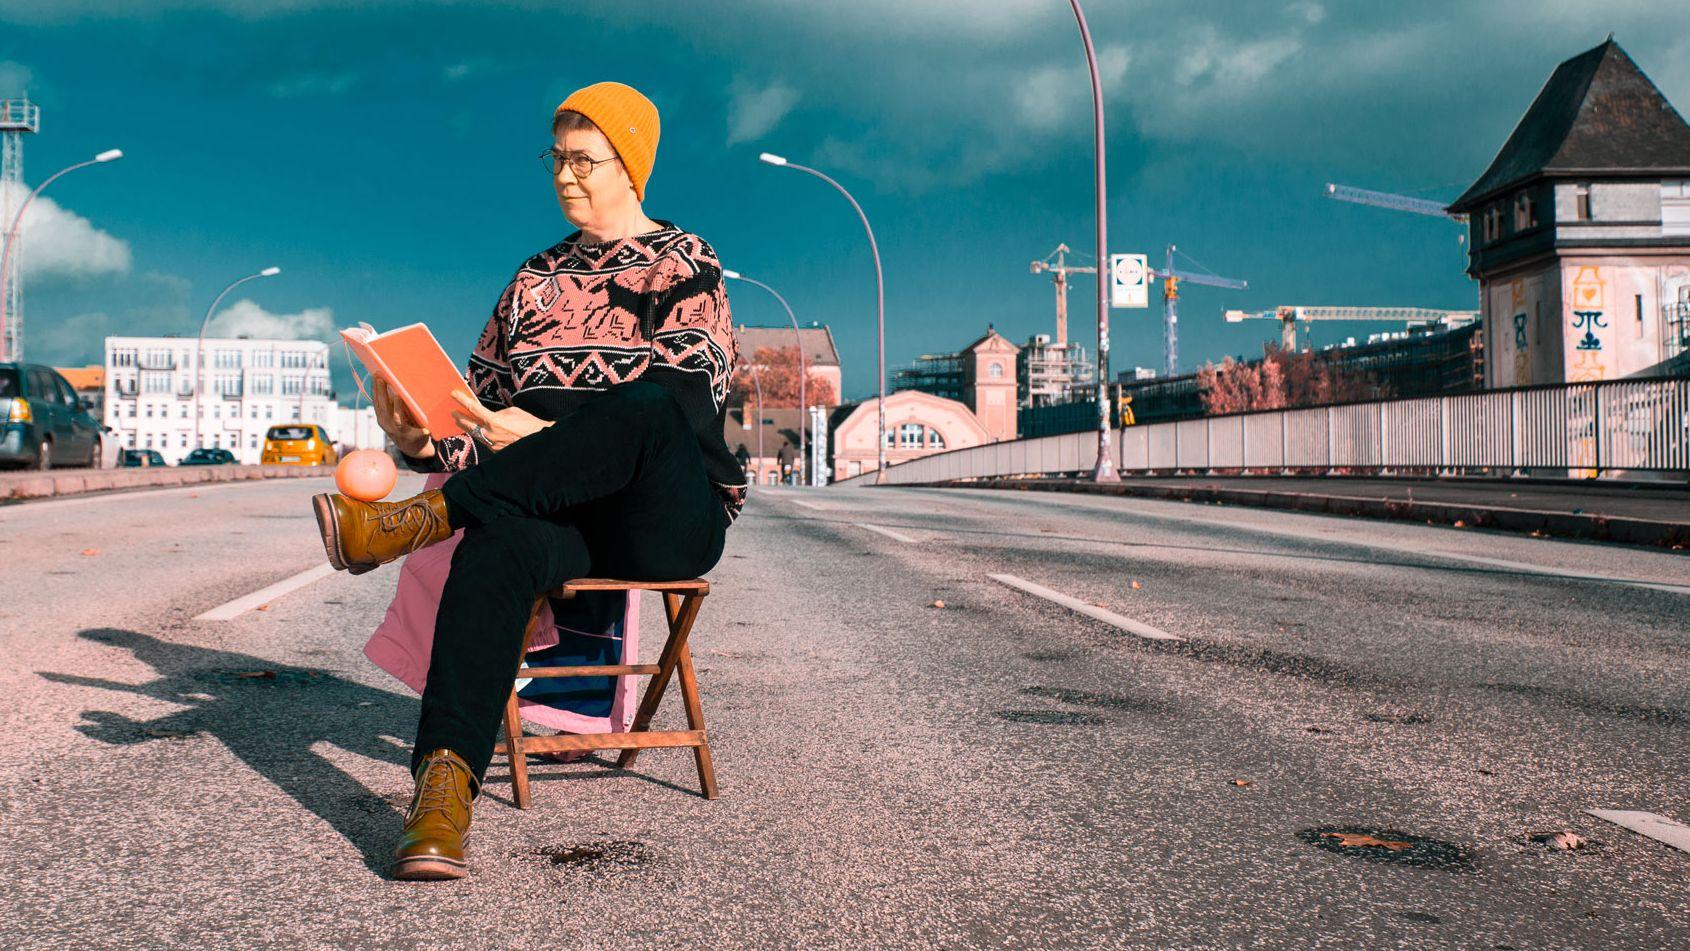 Die Philosophin Antke Engel, lesend auf einem Holzstuhl und auf einer Brücke mit Autoverkehr, bei sonnigem Wetteruer Himmel